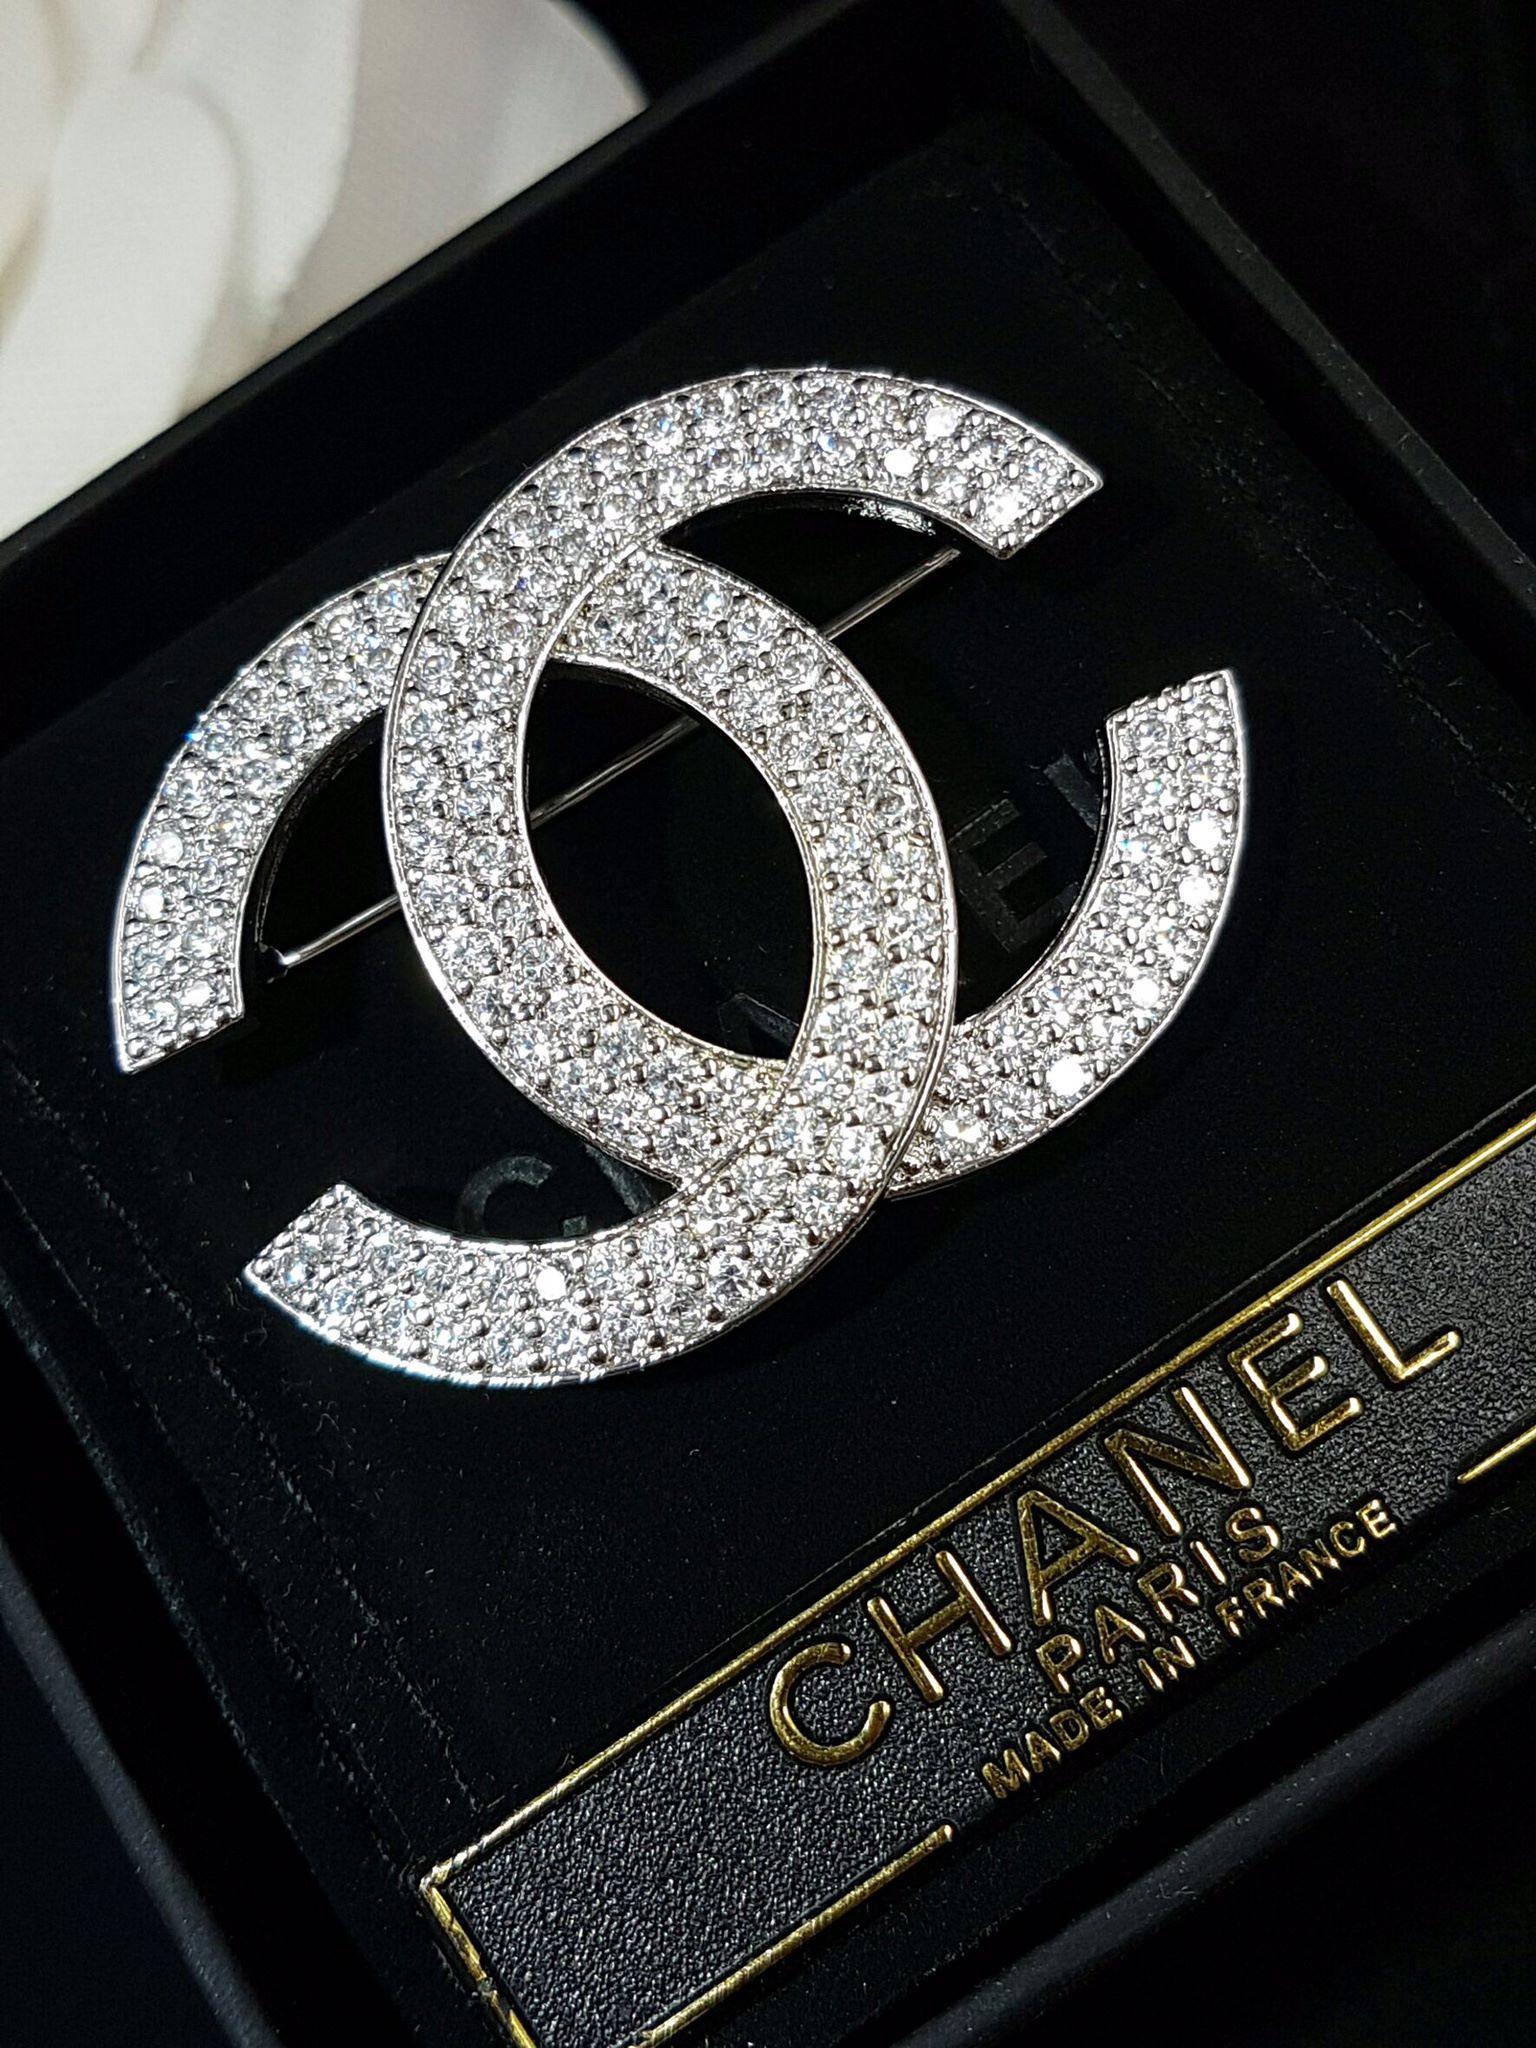 พร้อมส่ง Classic Chanel Brooch เข็มกลัดชาแนลทรงคลาสสิค